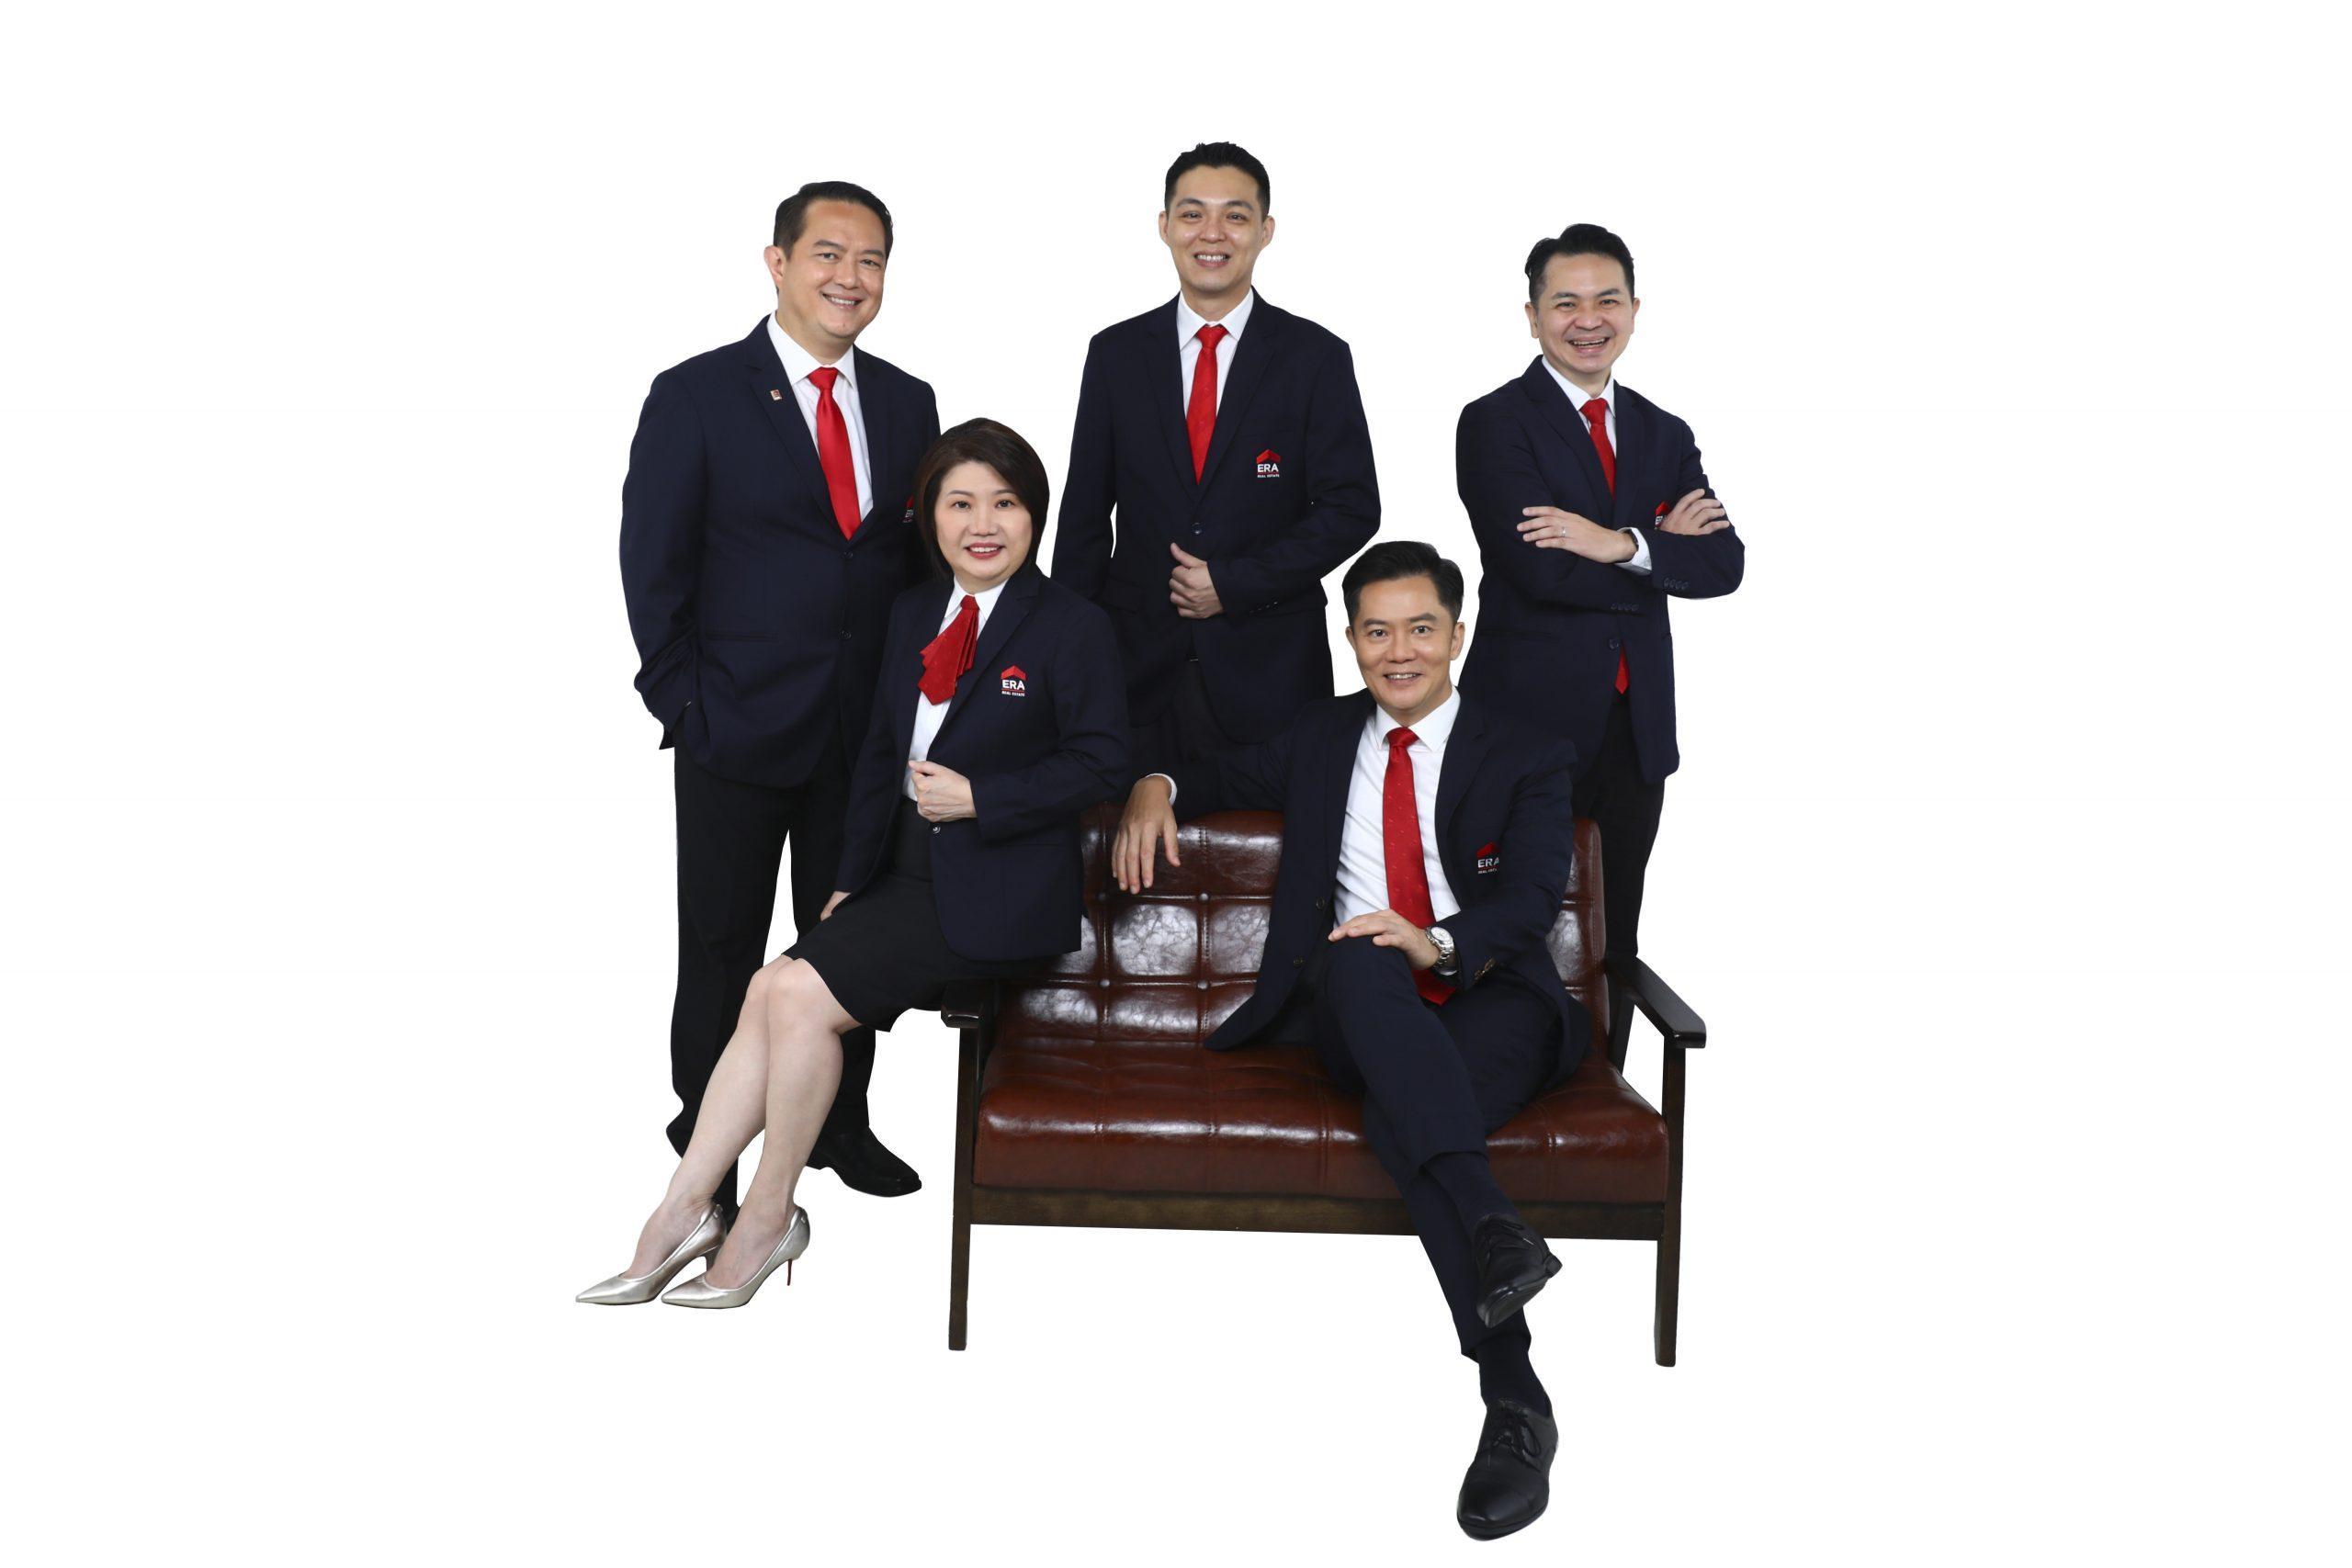 ERA Singapore management team